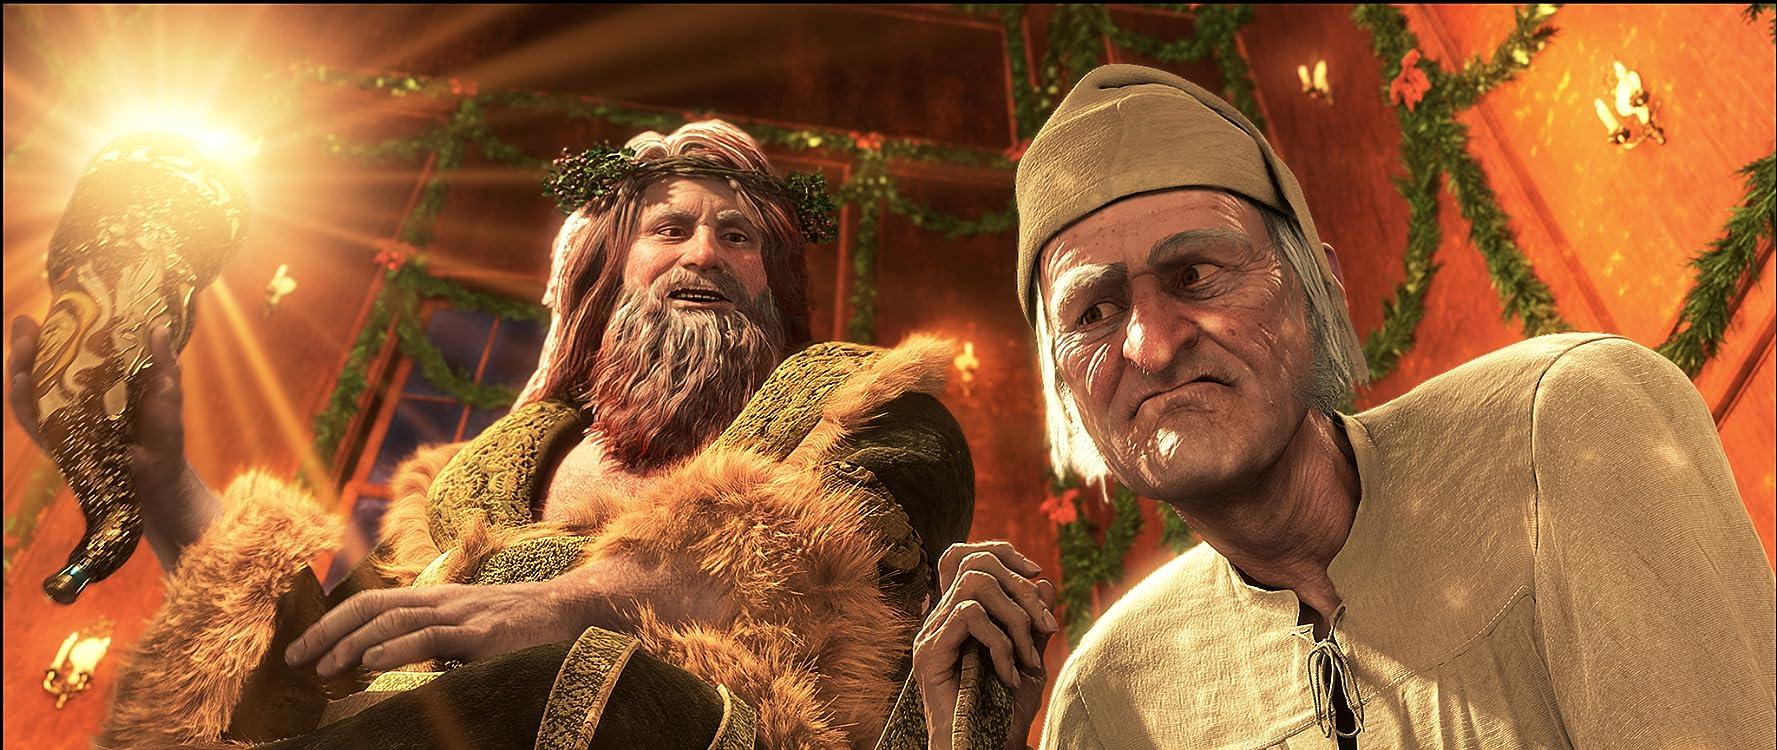 Картинки по запросу A Christmas Carol